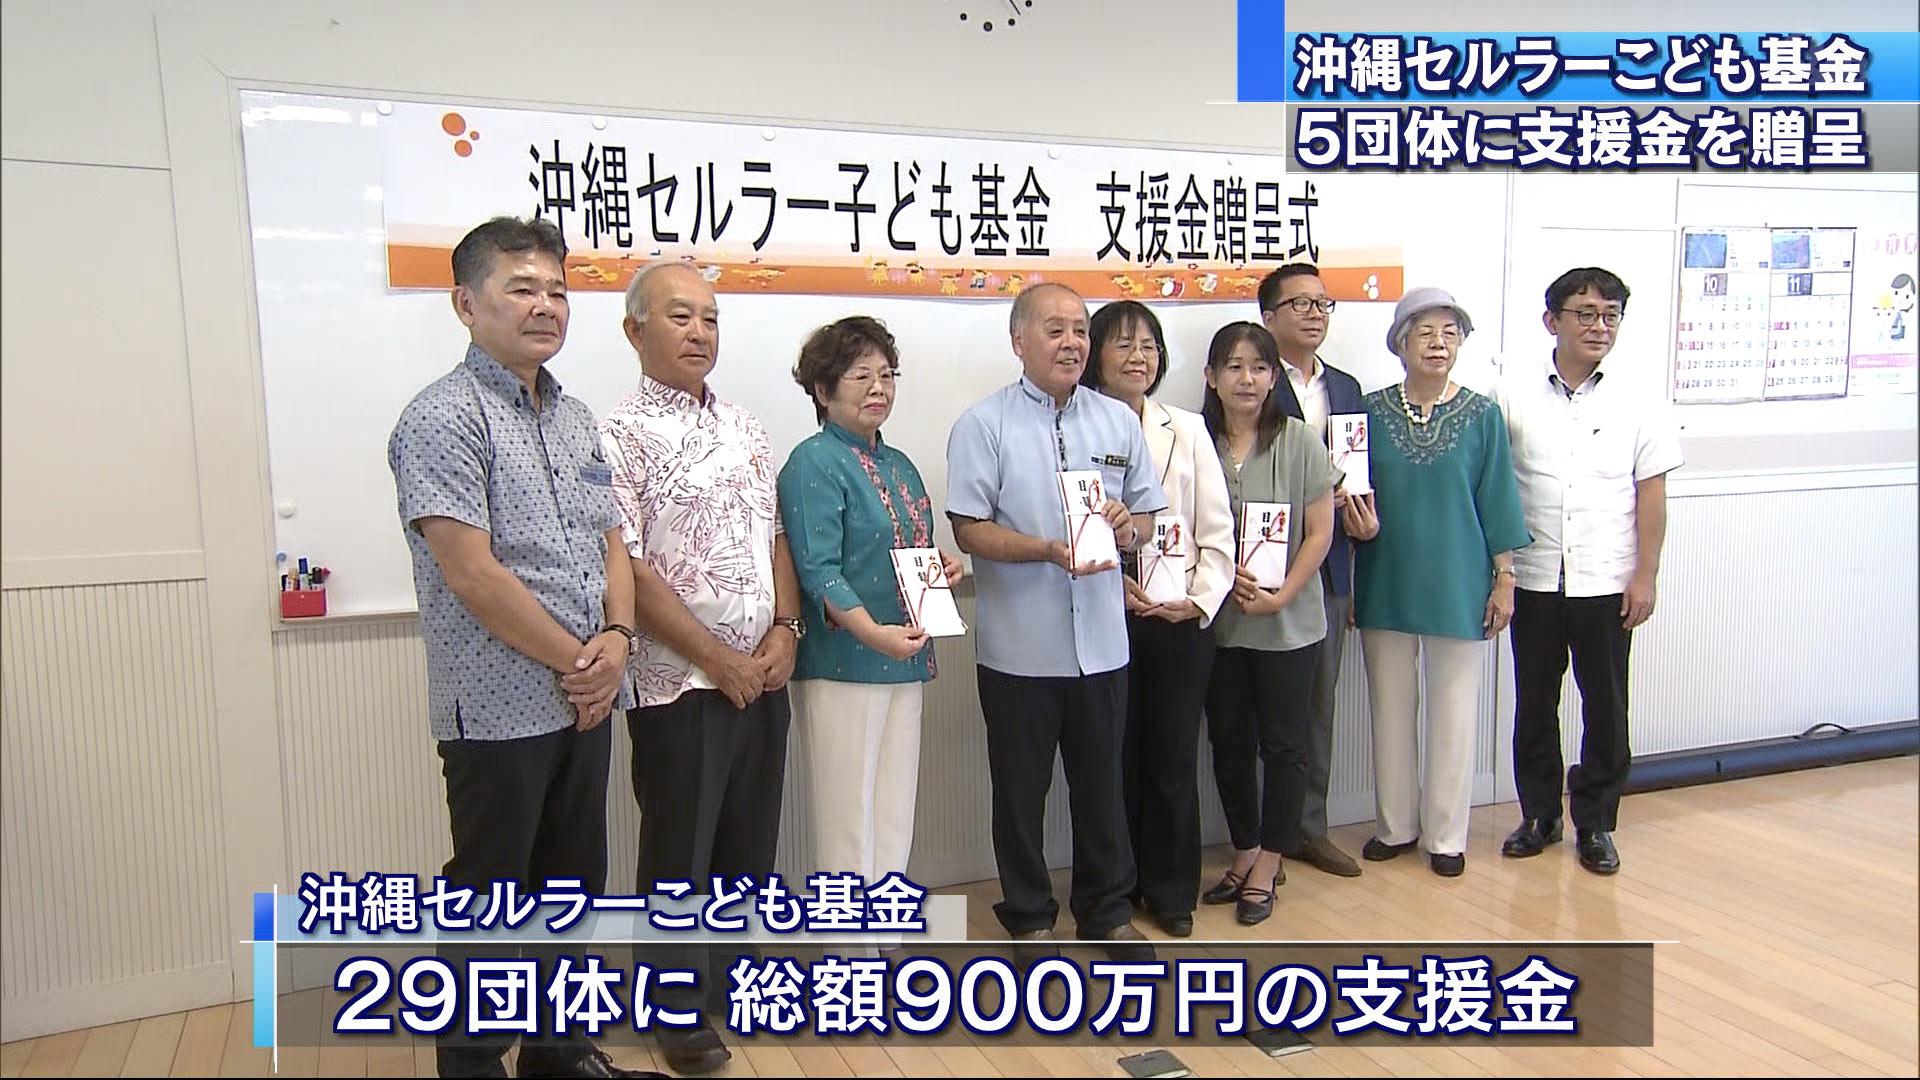 沖縄セルラーこども基金 支援金を贈呈